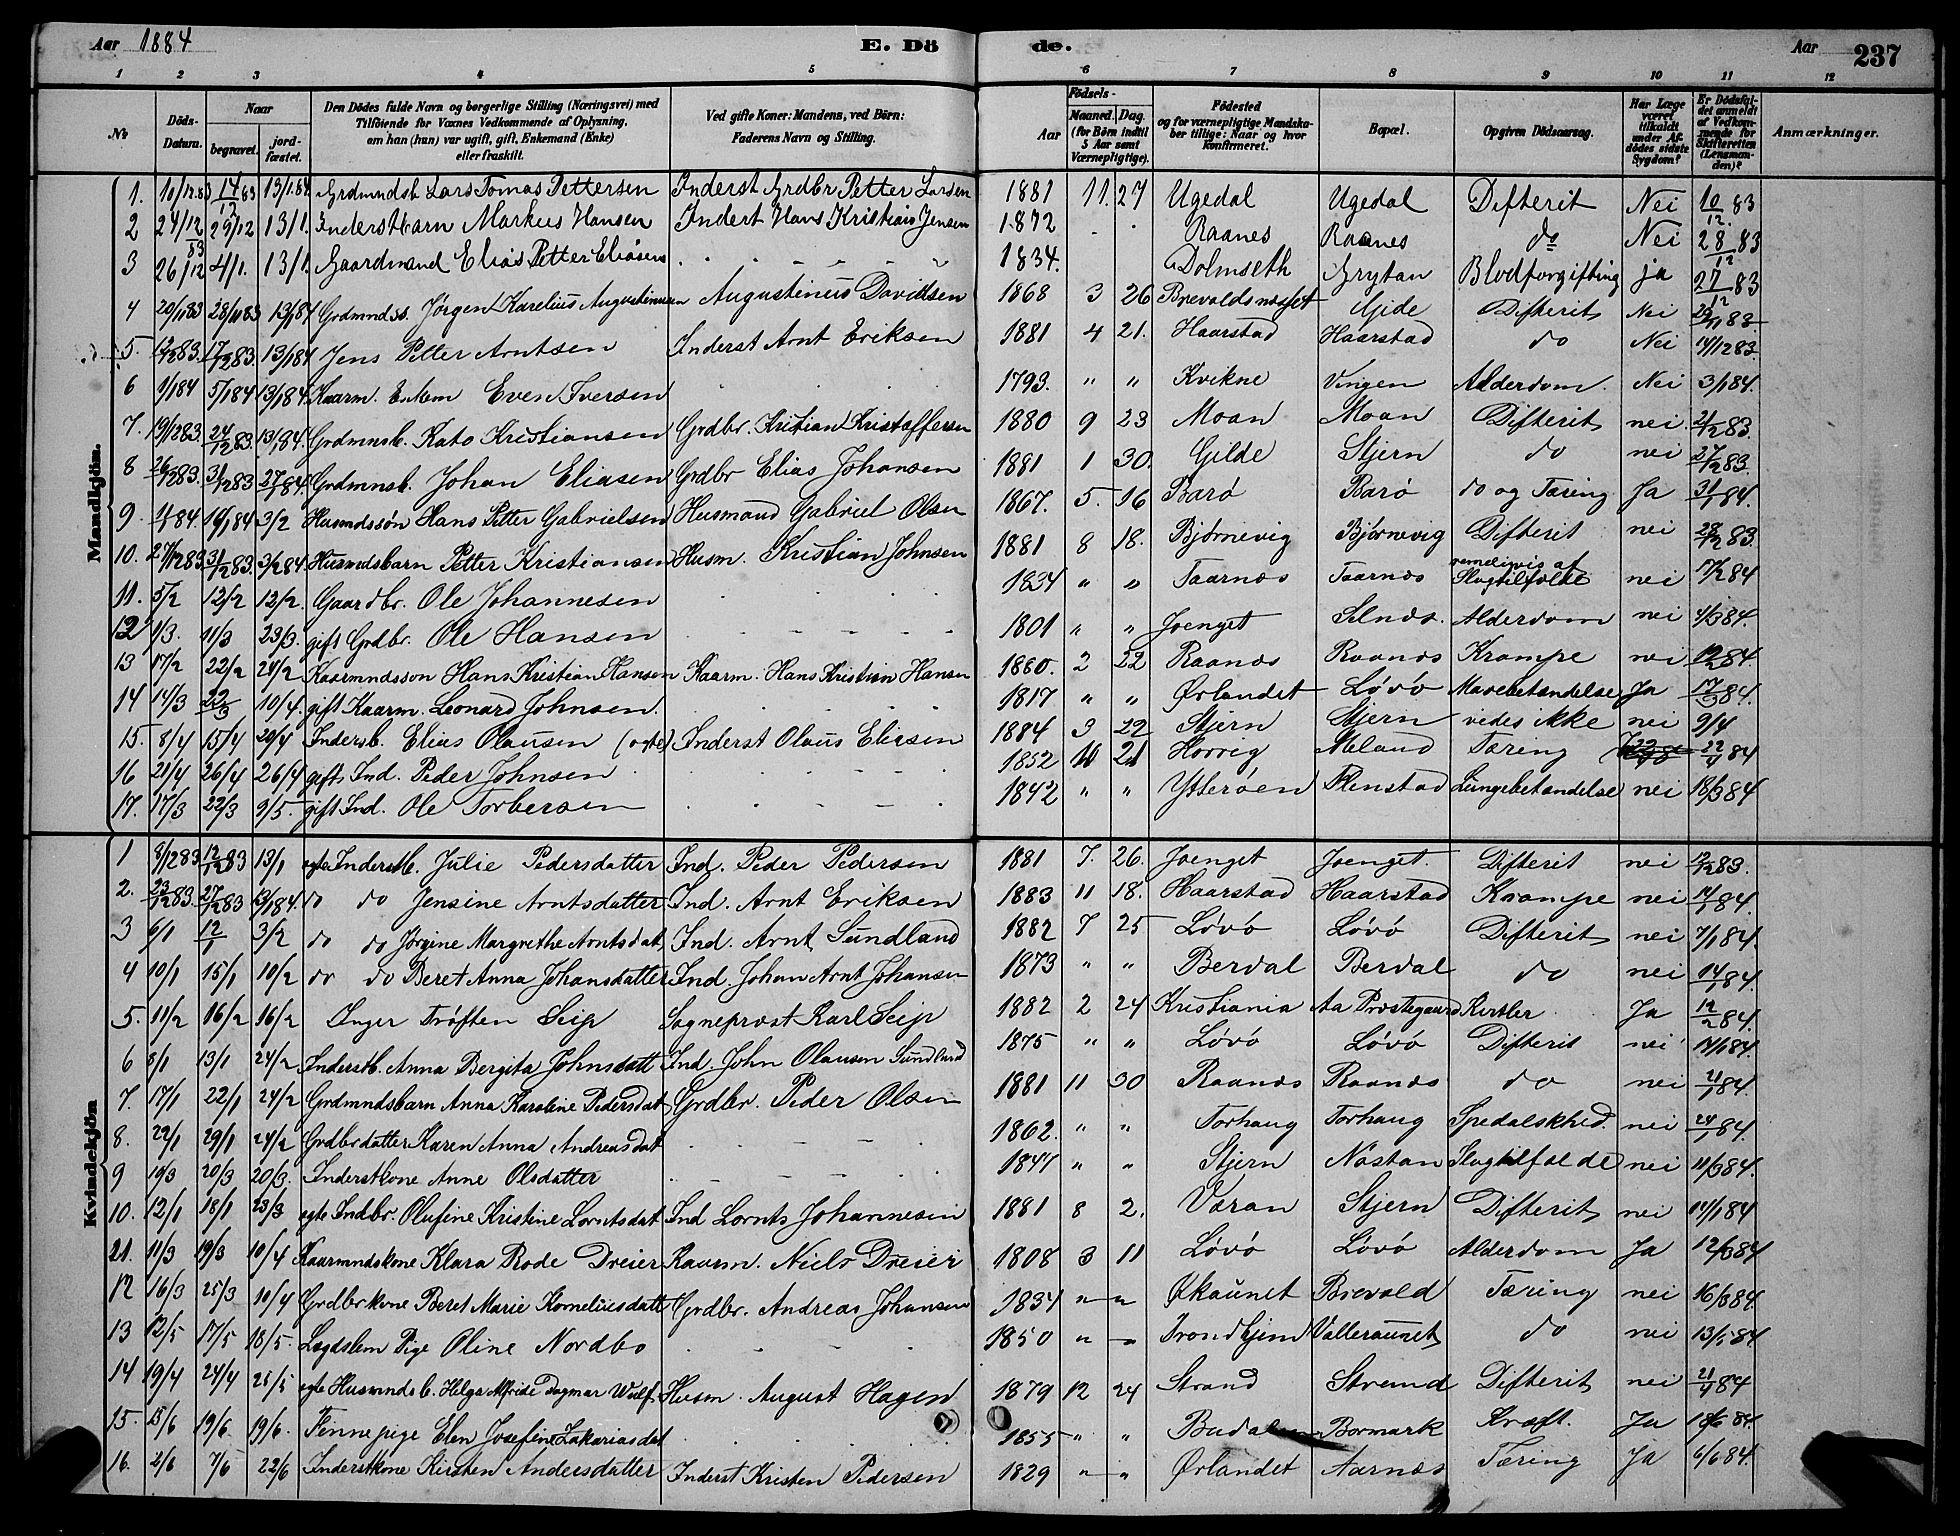 SAT, Ministerialprotokoller, klokkerbøker og fødselsregistre - Sør-Trøndelag, 655/L0687: Klokkerbok nr. 655C03, 1880-1898, s. 237